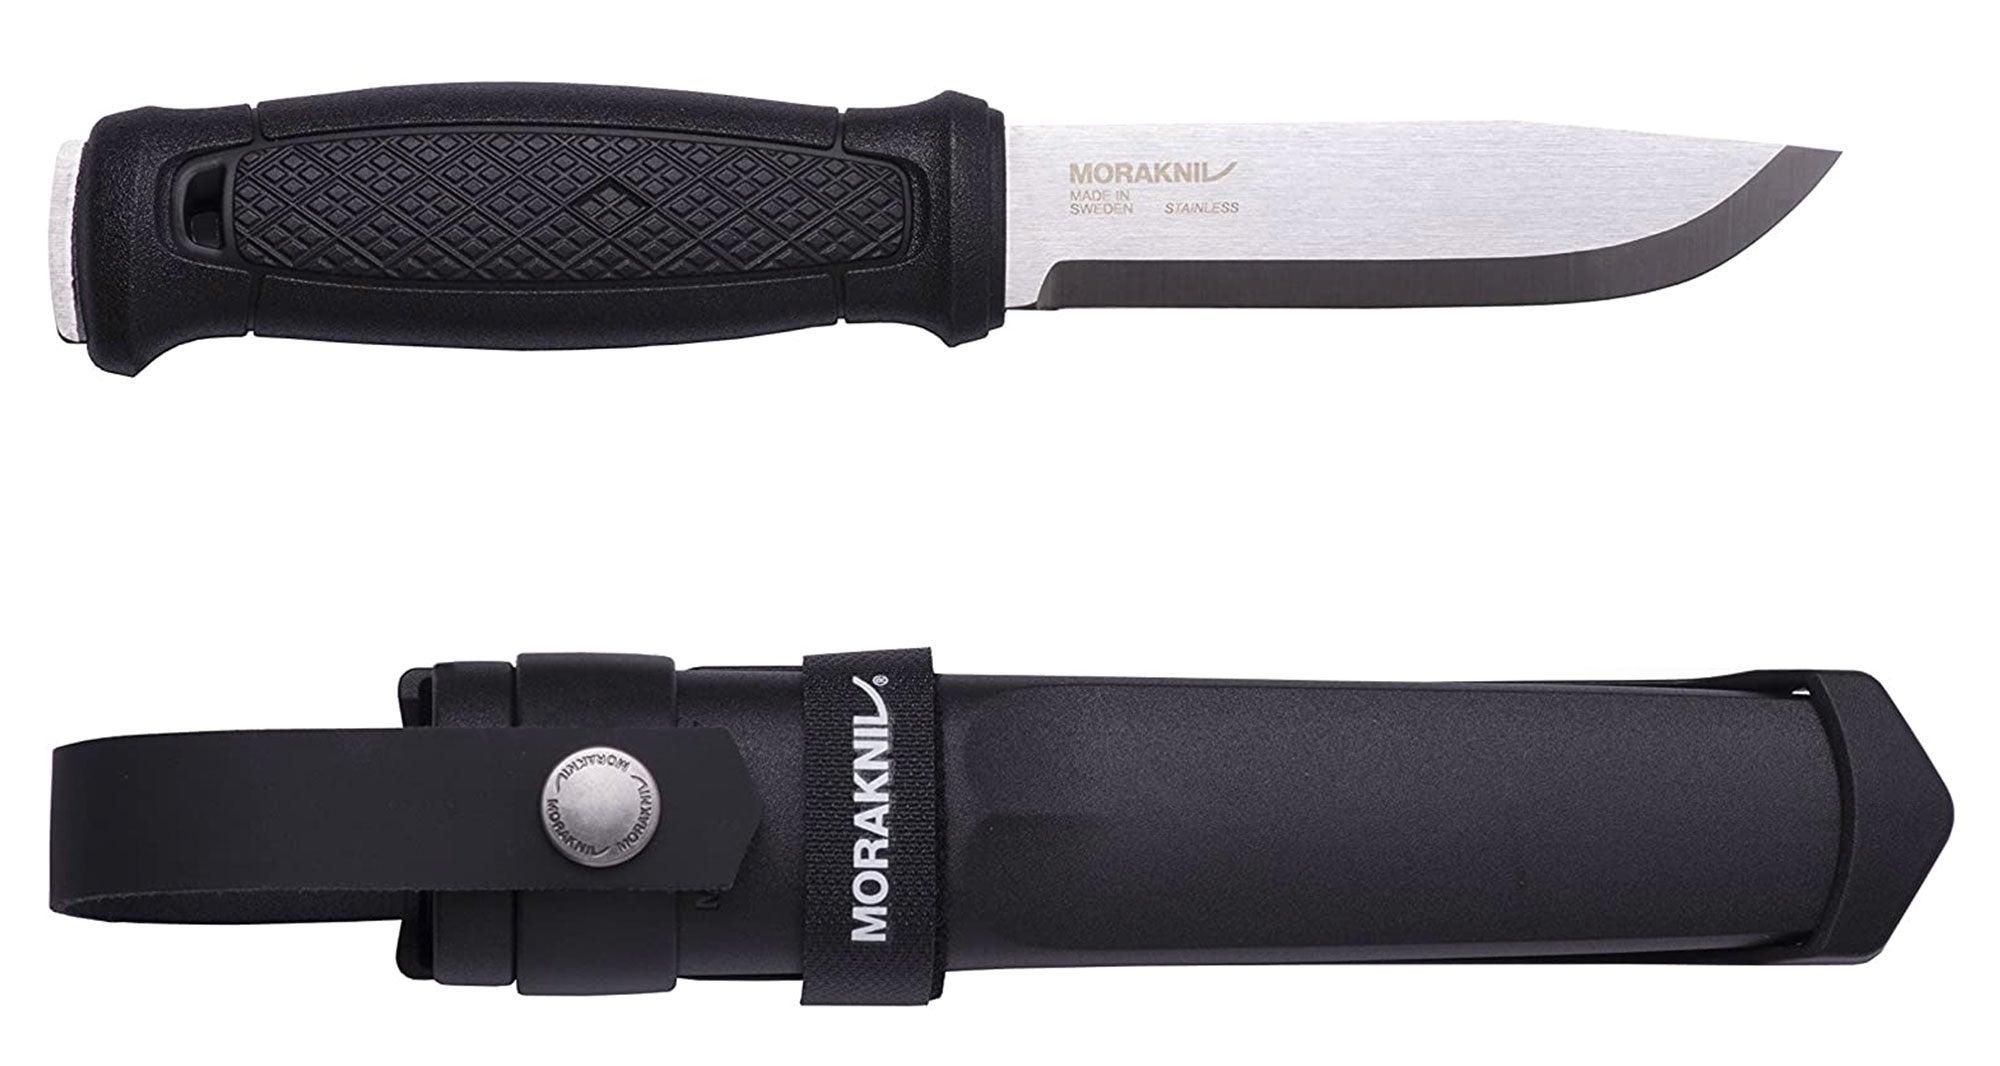 Morakniv Garberg knife